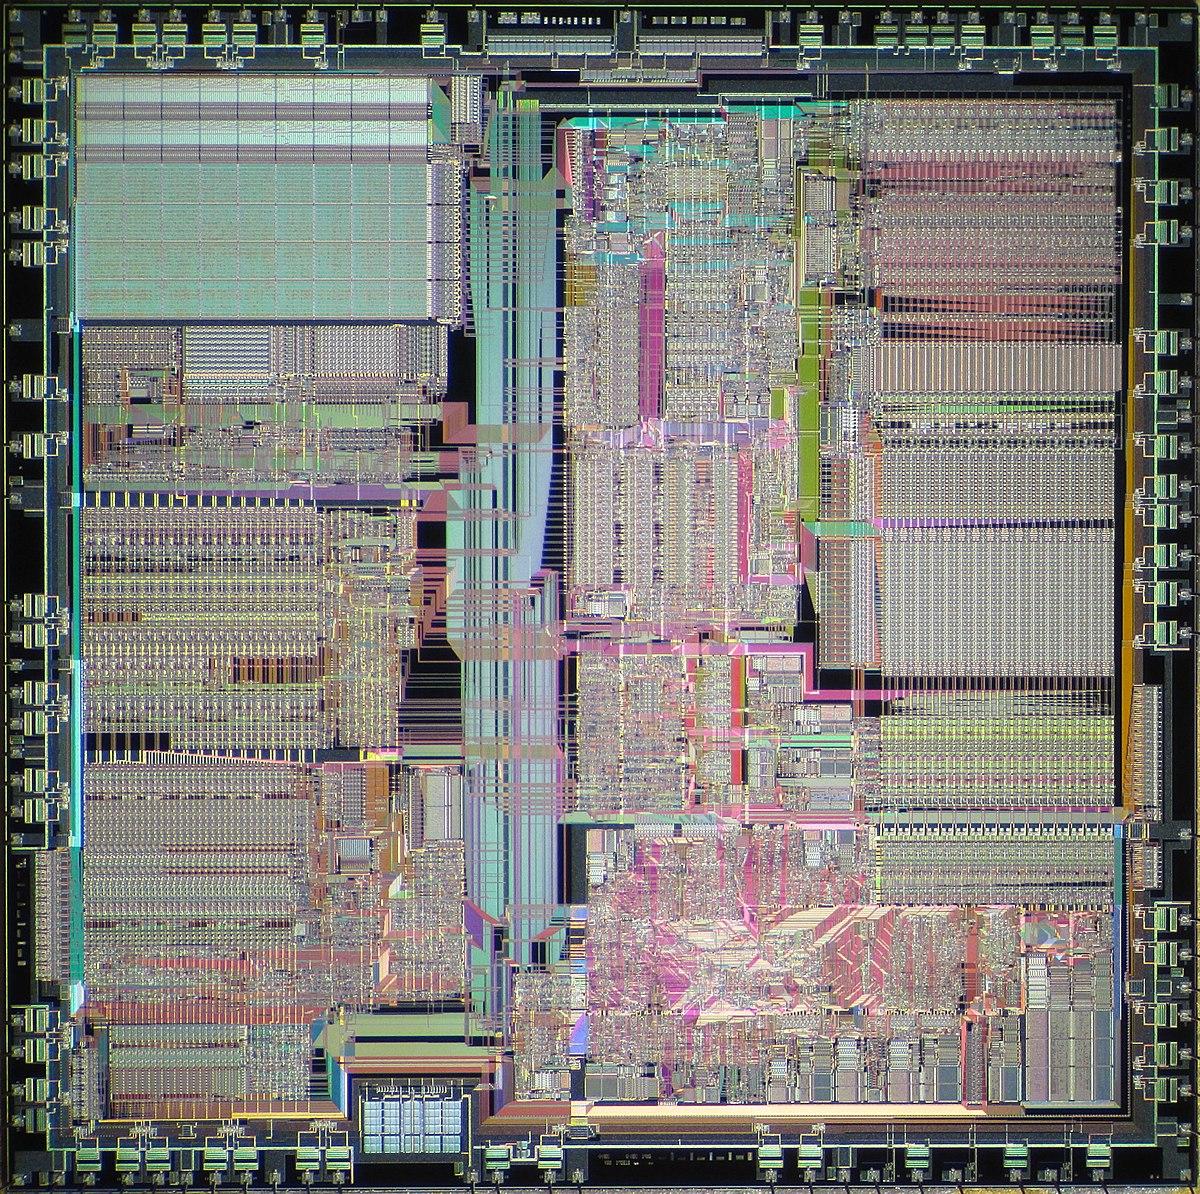 NEC V60  Wikipedia